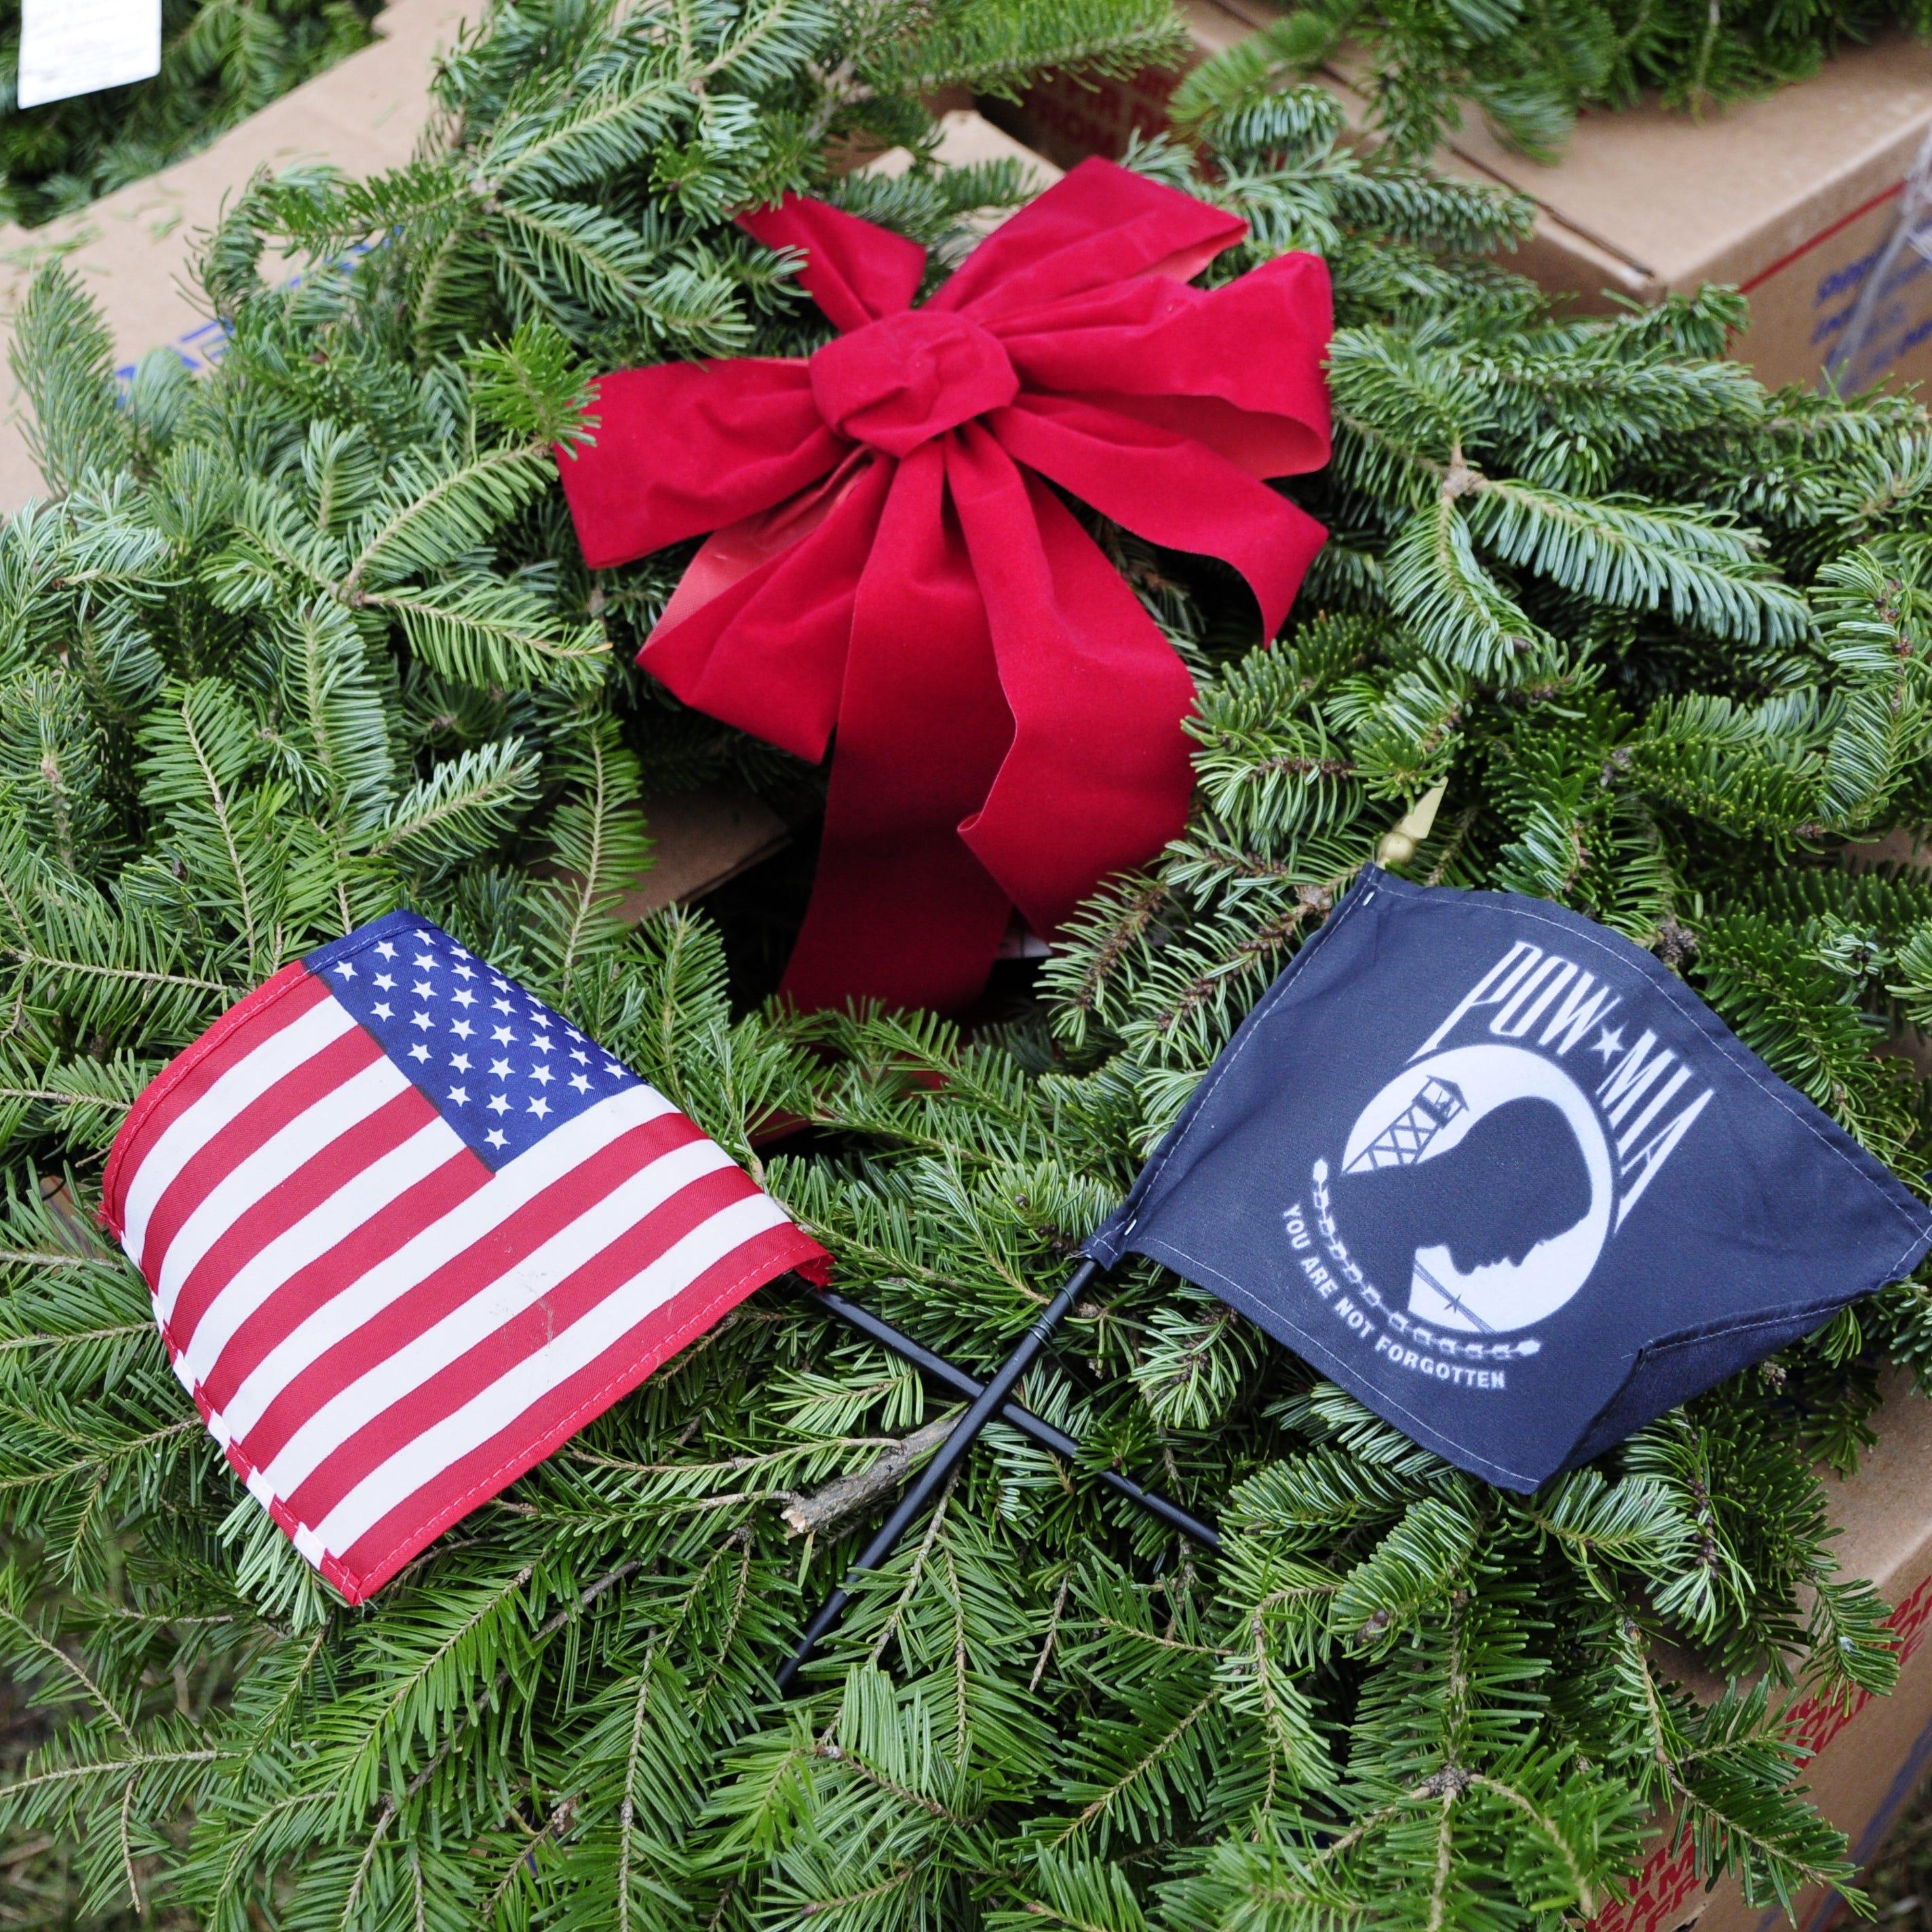 Wreaths Across America honors deceased veterans